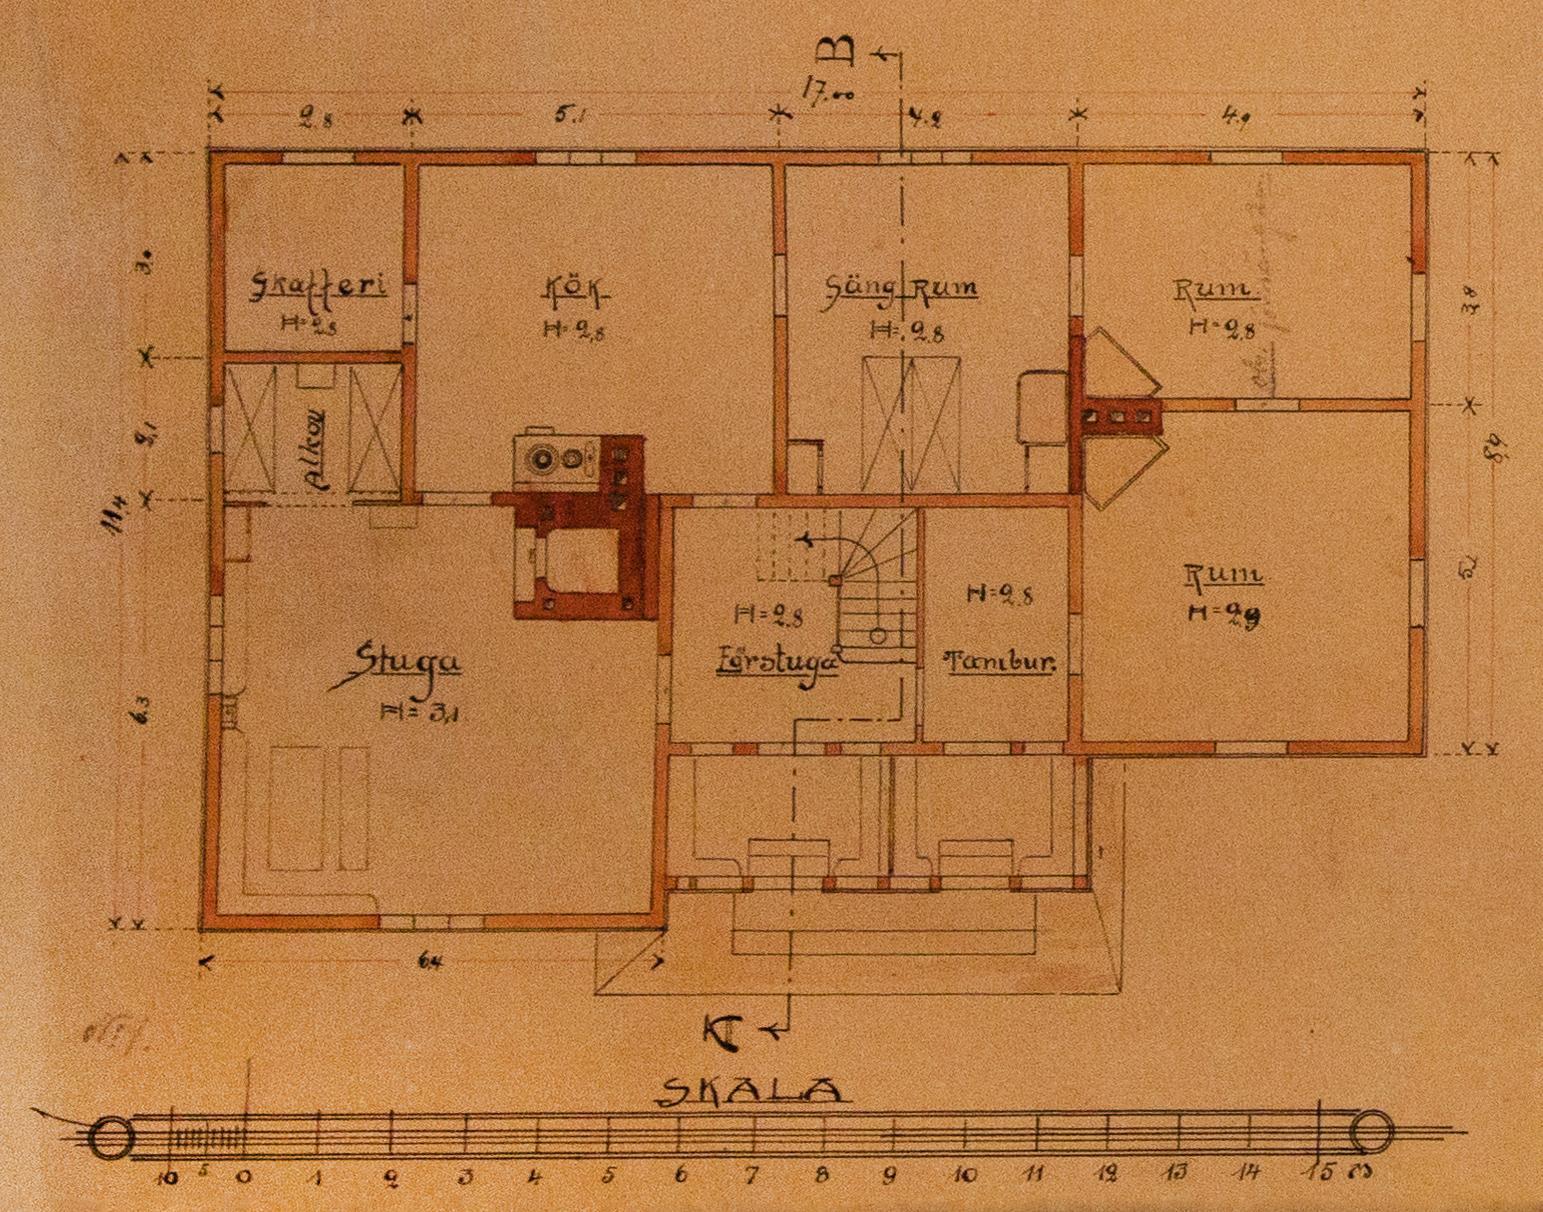 Här på planritningen så ser vi att huset har 2 lägenheter med var sin ingång.